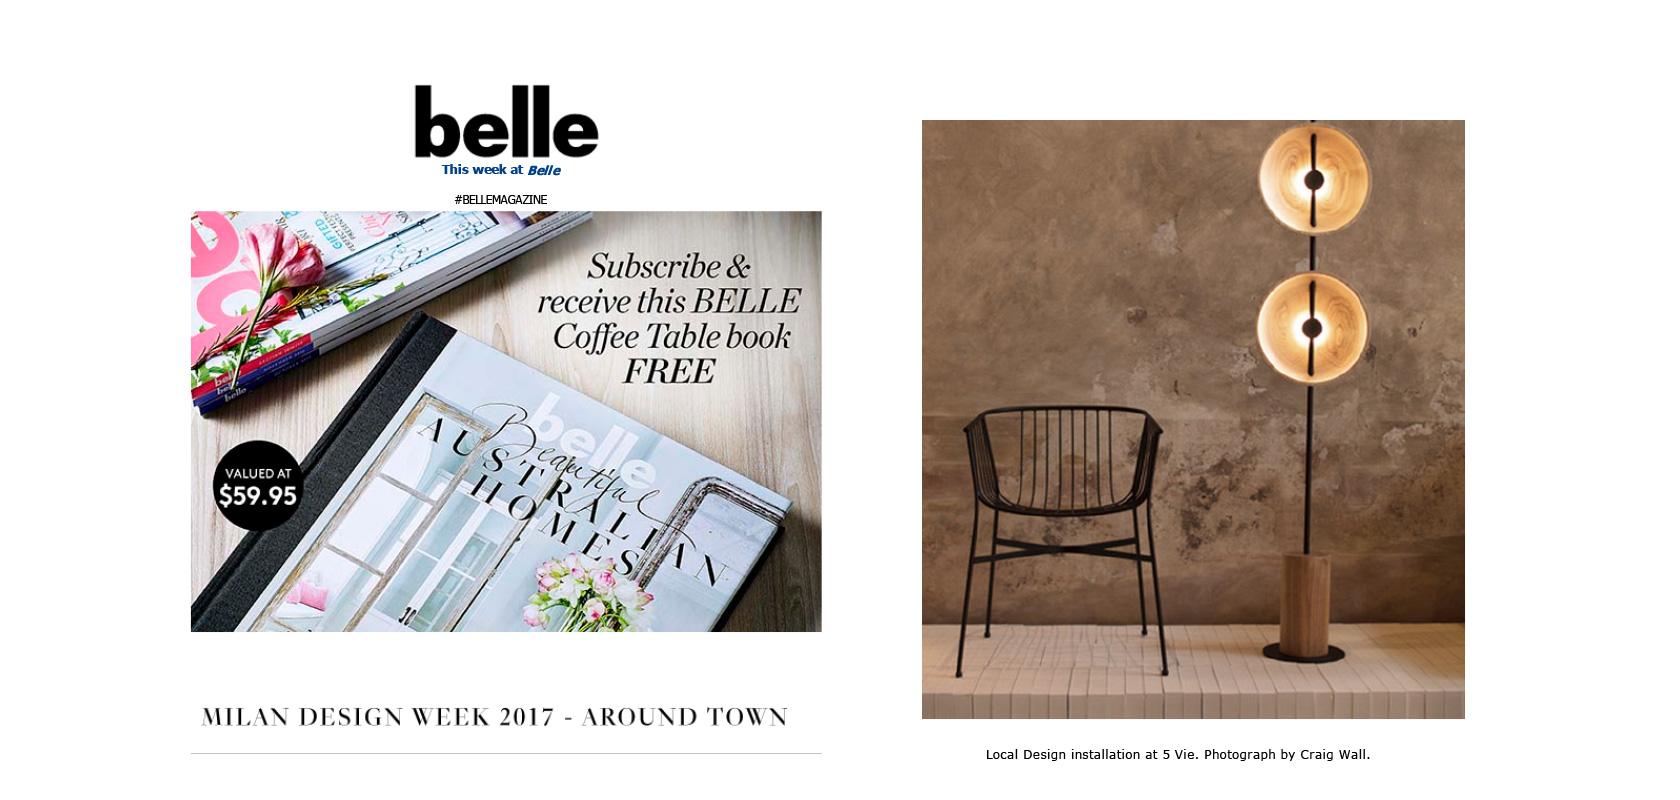 Belle Magazine Australia Newsletter, April 2017